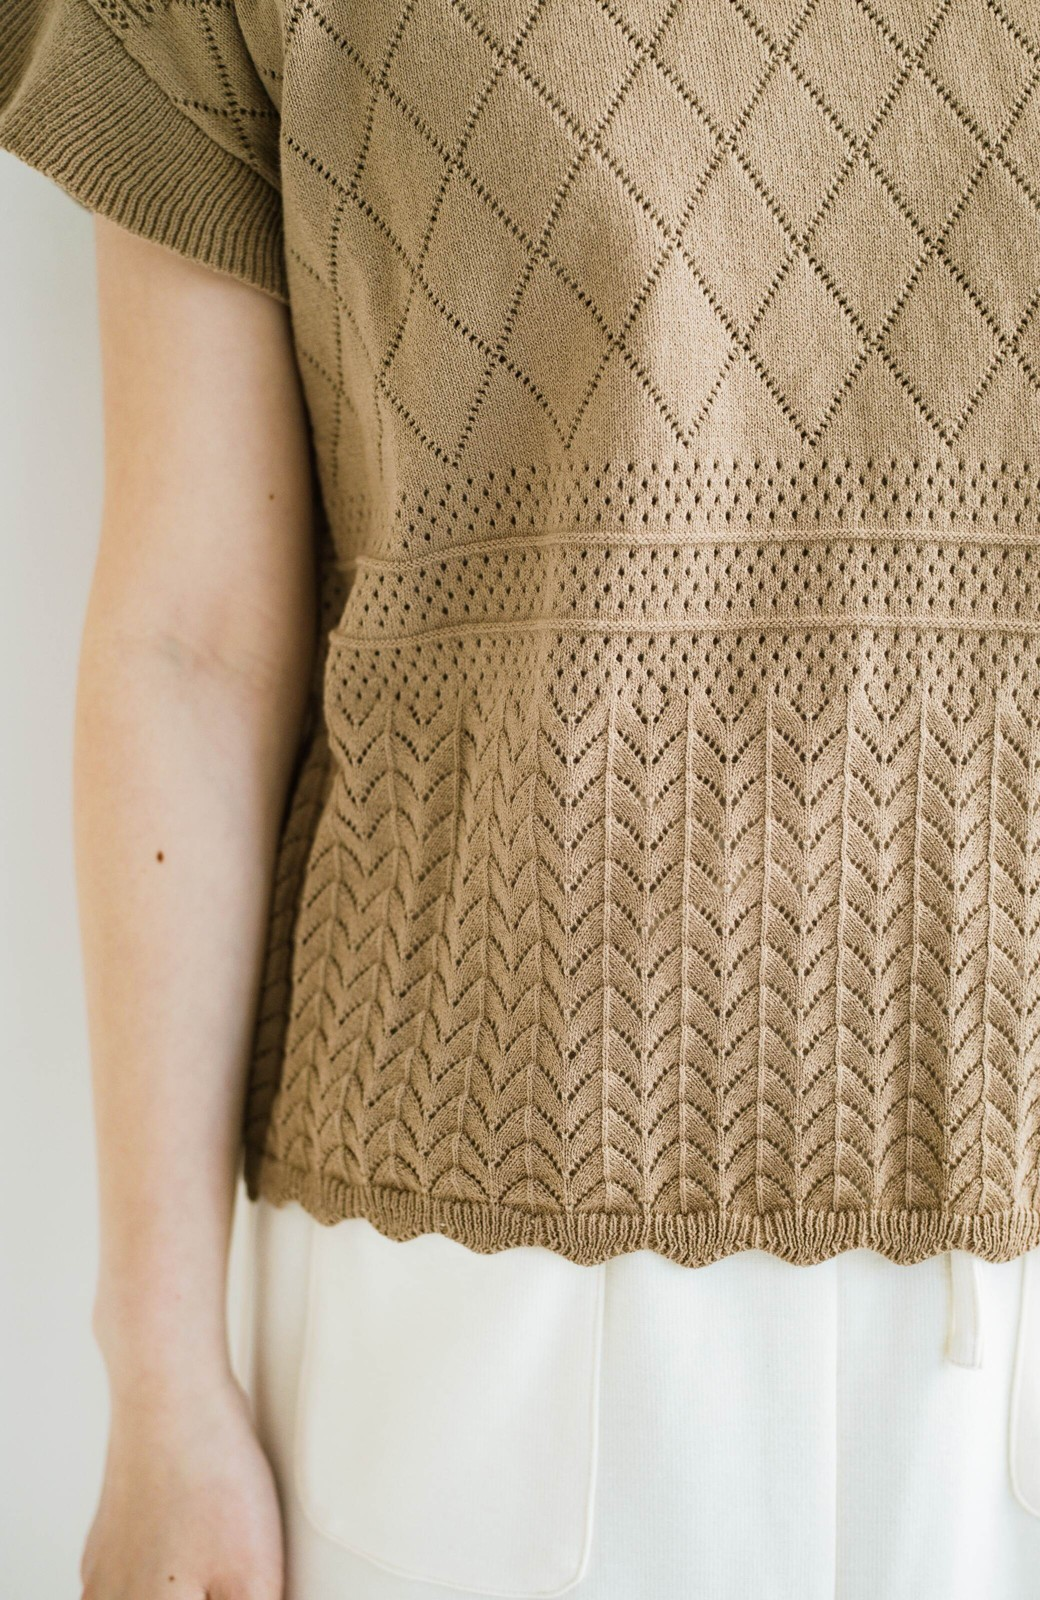 haco! (φ)透けすぎないから安心して着られる 華やか透かし編みニットトップス <カーキブラウン>の商品写真8